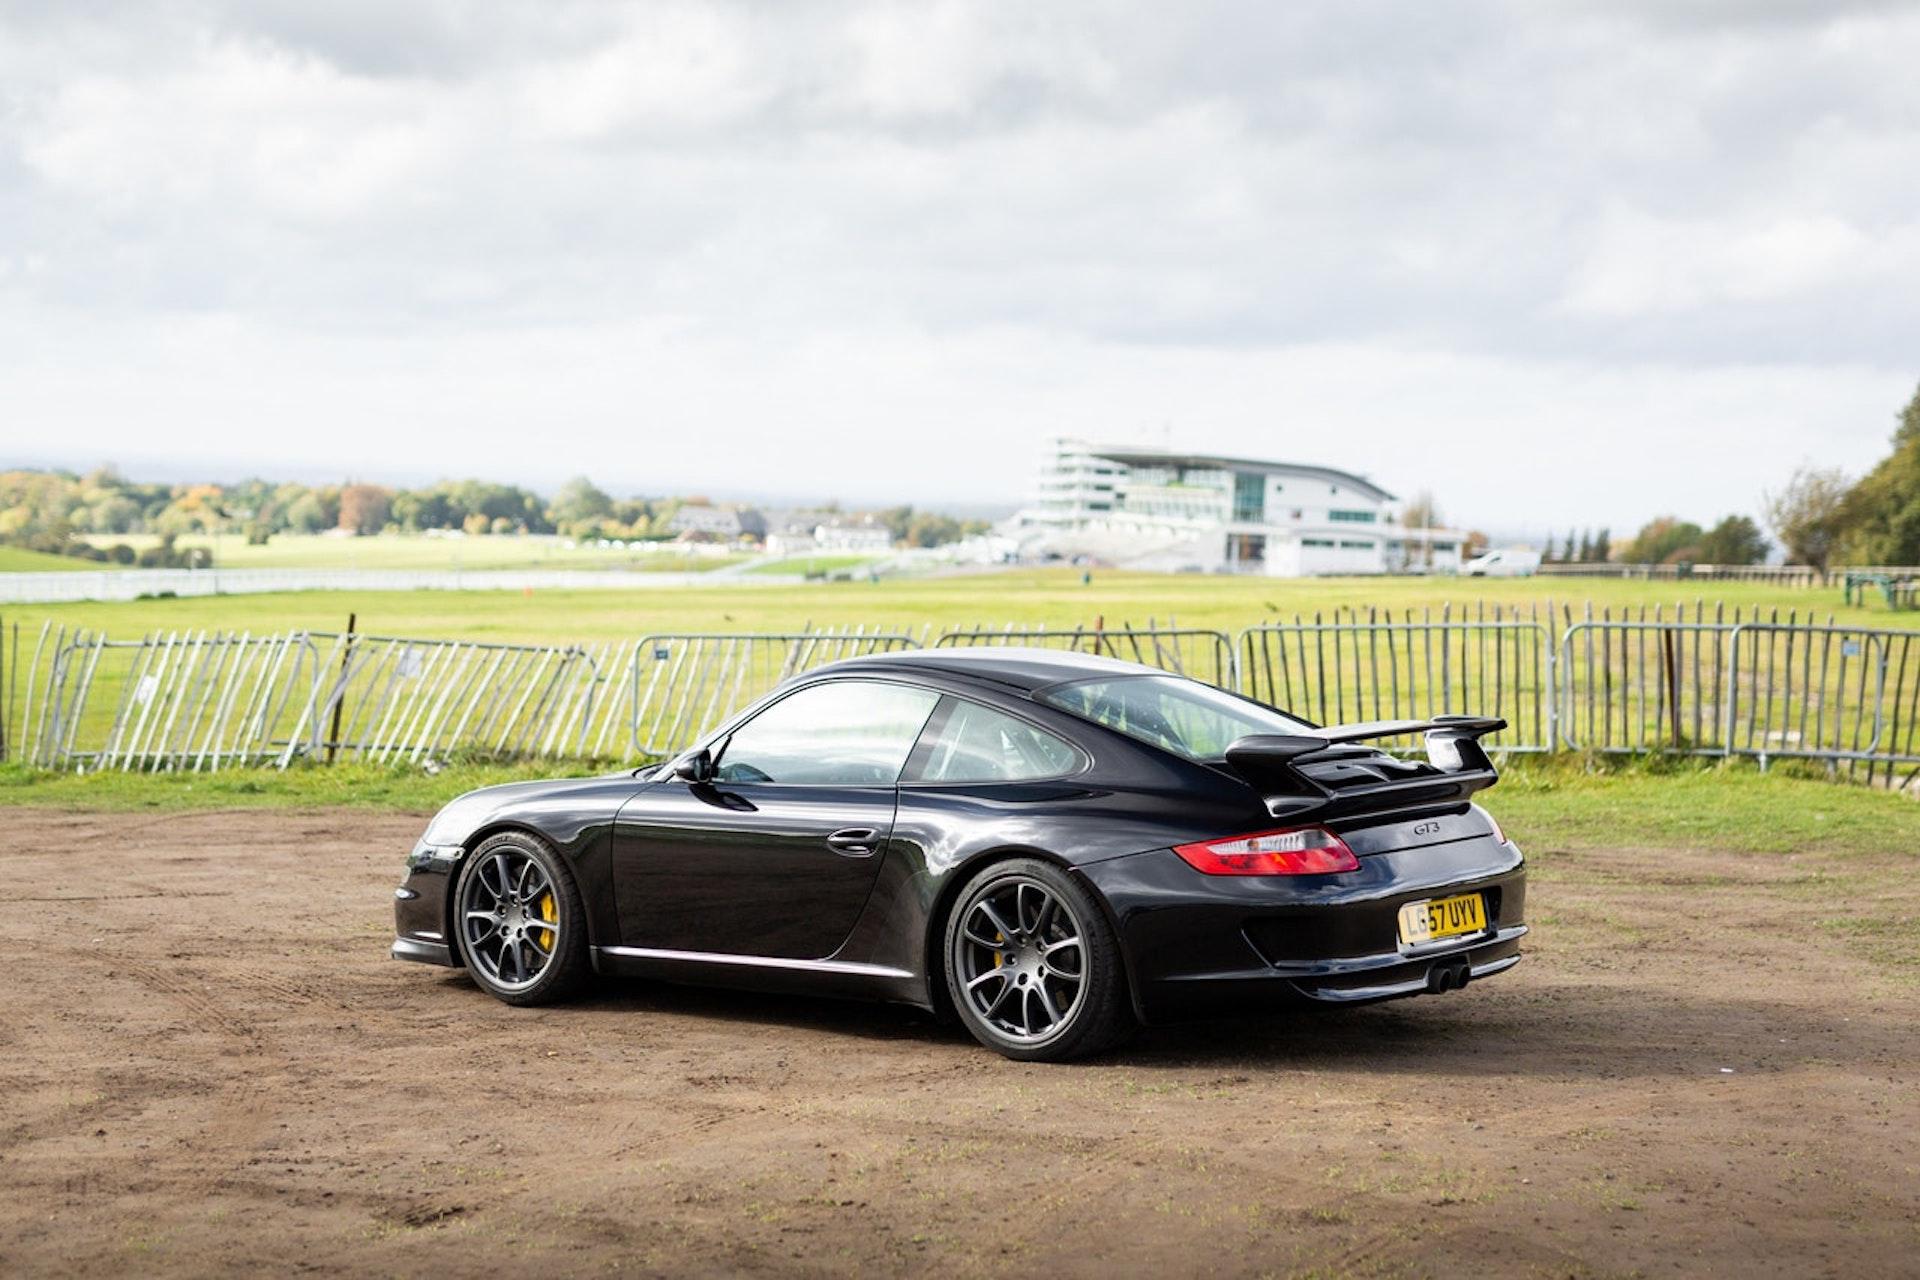 Porsche 911 Gt3 Subasta 300 000 Km 2